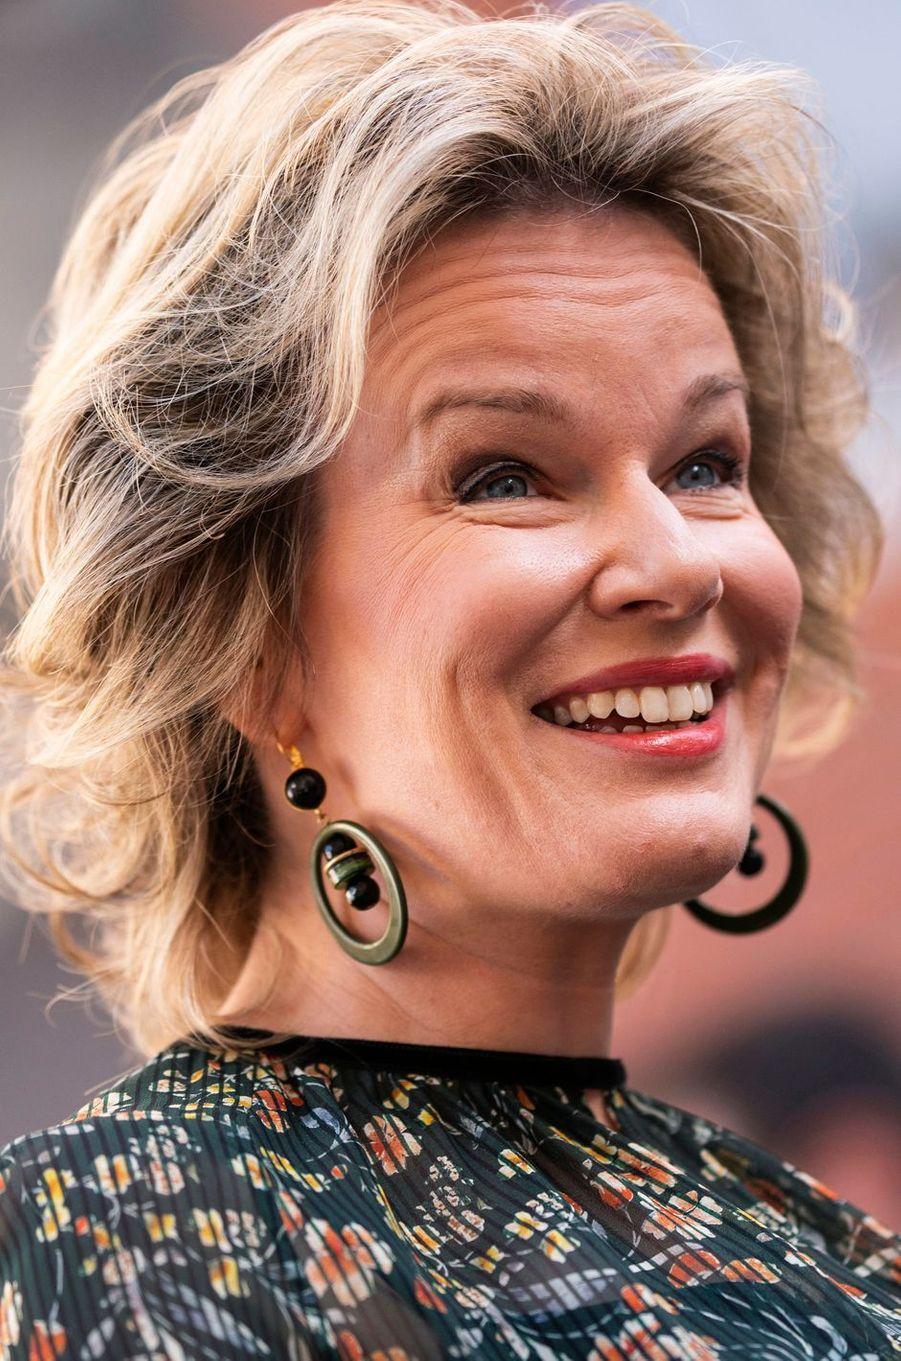 Les boucles d'oreille de la reine des Belges Mathilde à Louvain, le 8 novembre 2018